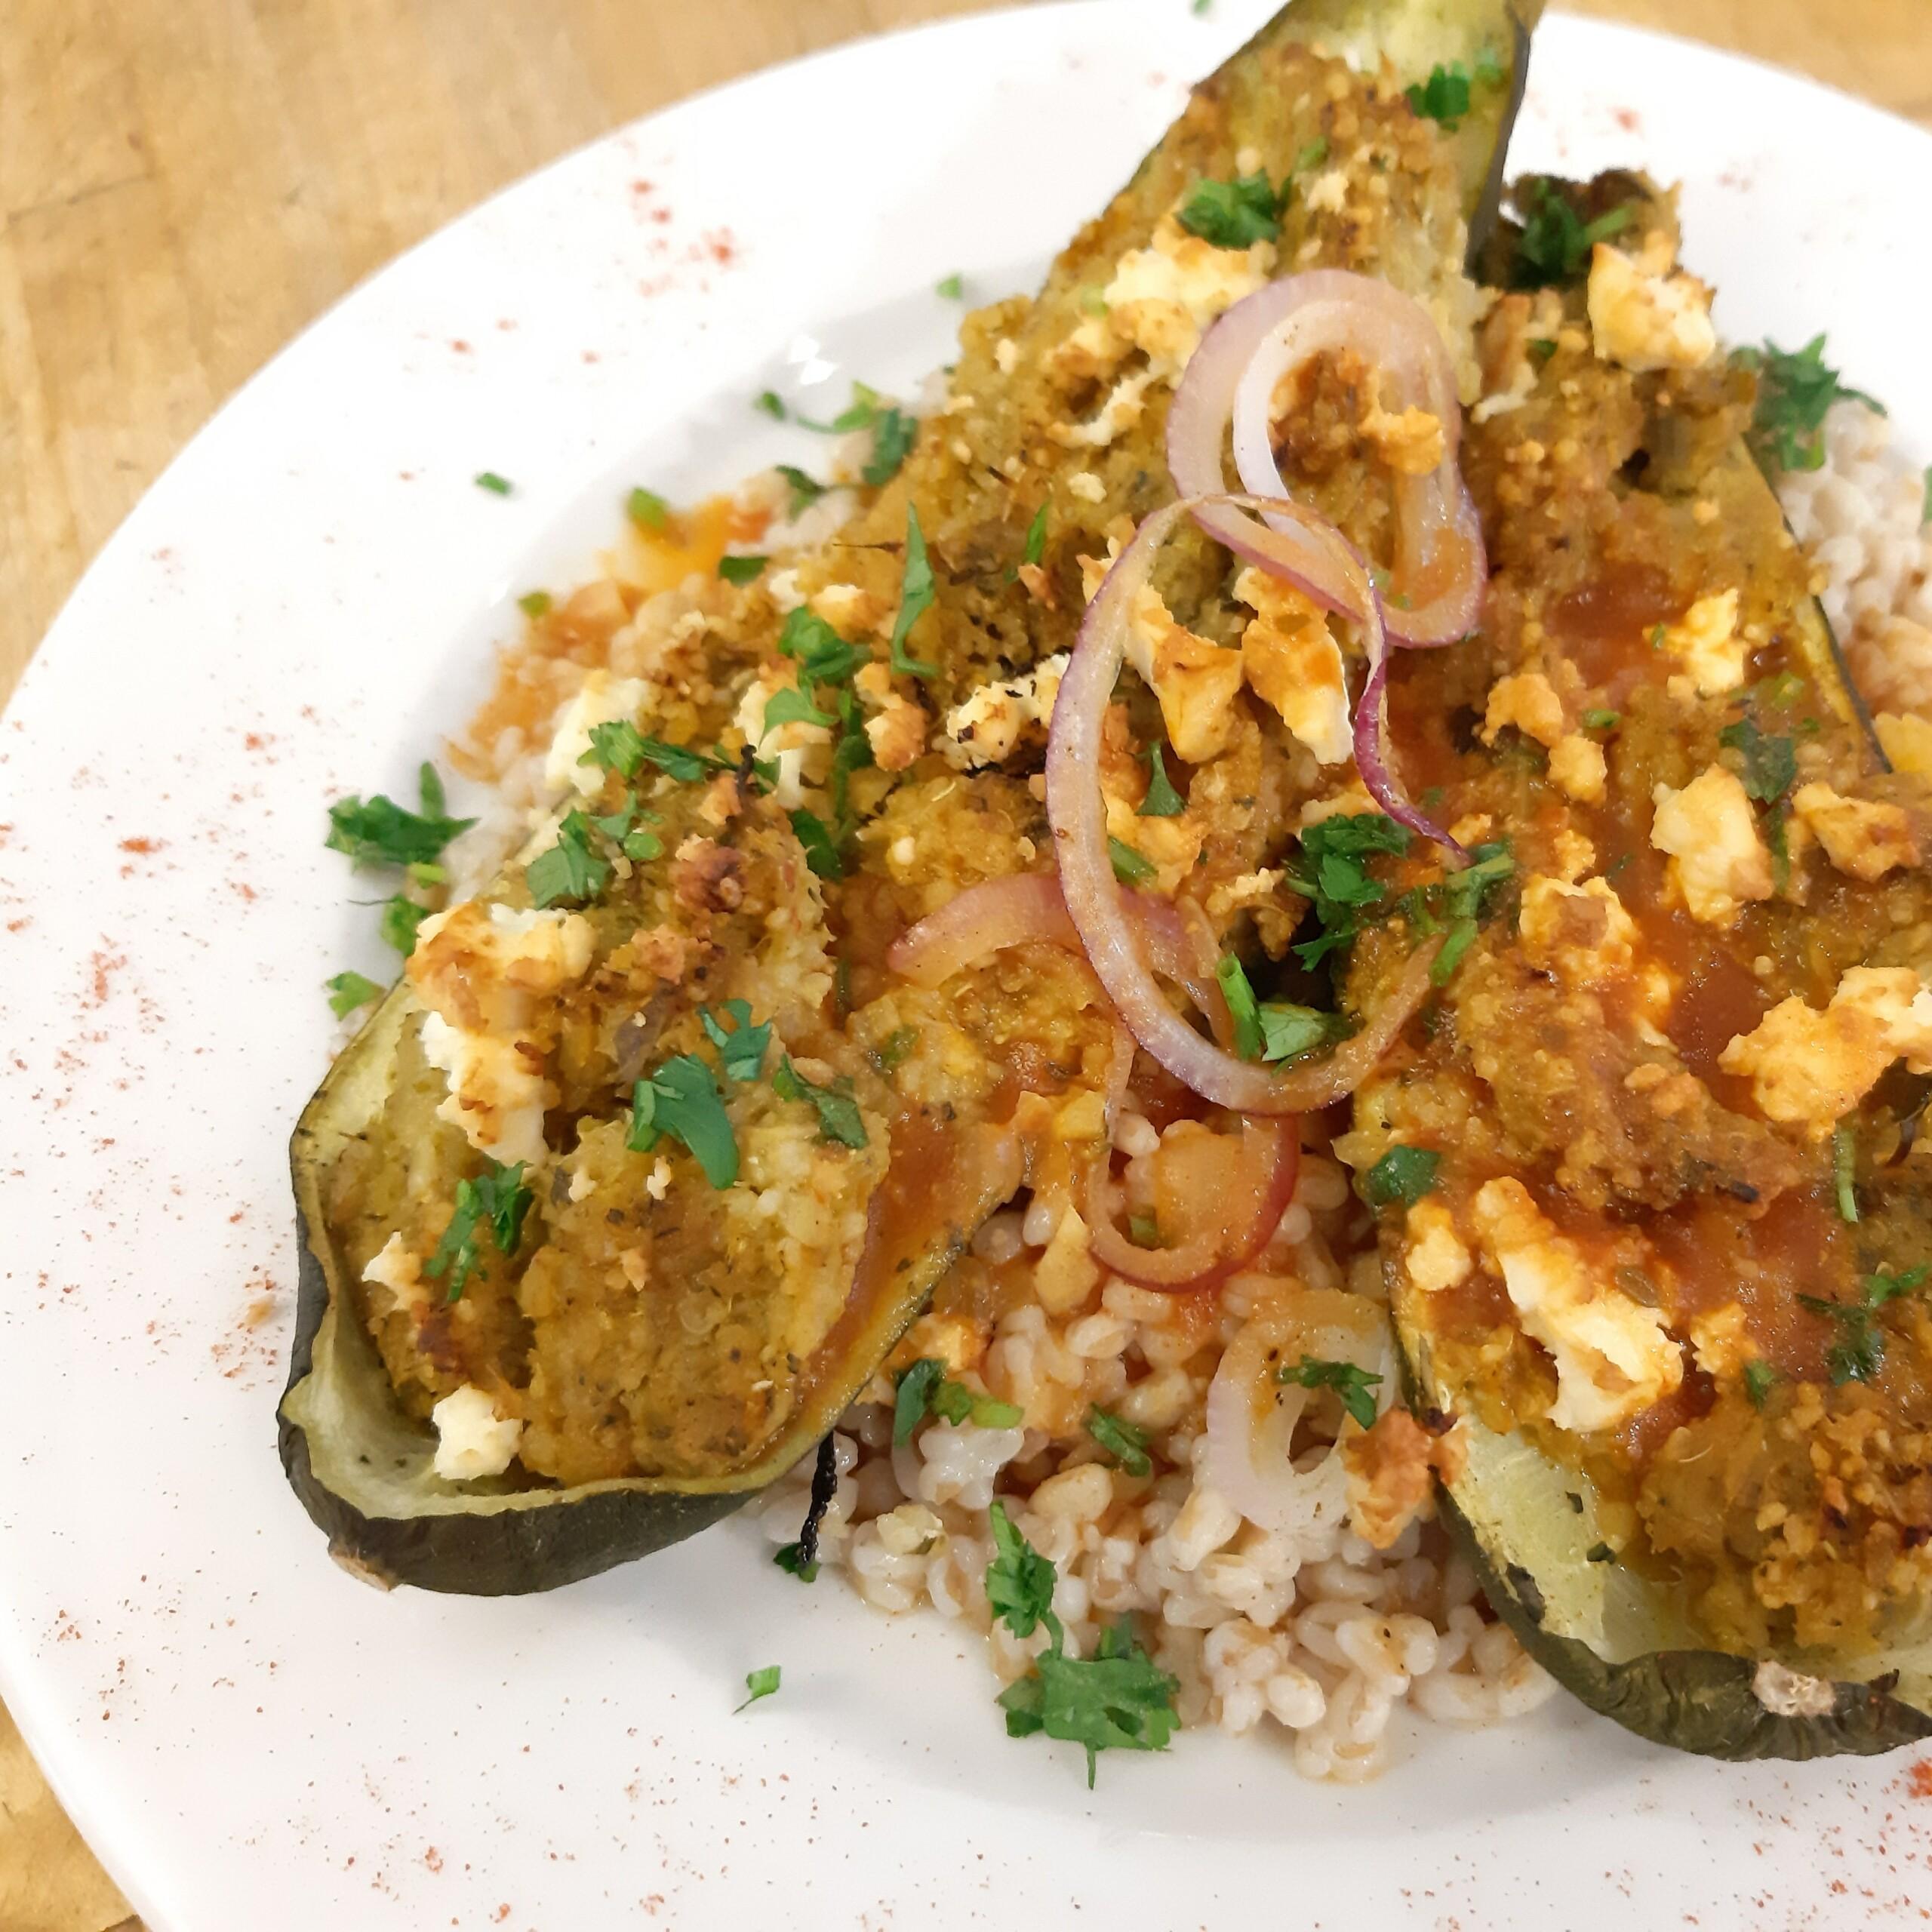 Gefüllte Zucchini - Feta-Zucchini-Schiffchen - Mittagstisch Mittagessen Biodelikat Bad Tölz